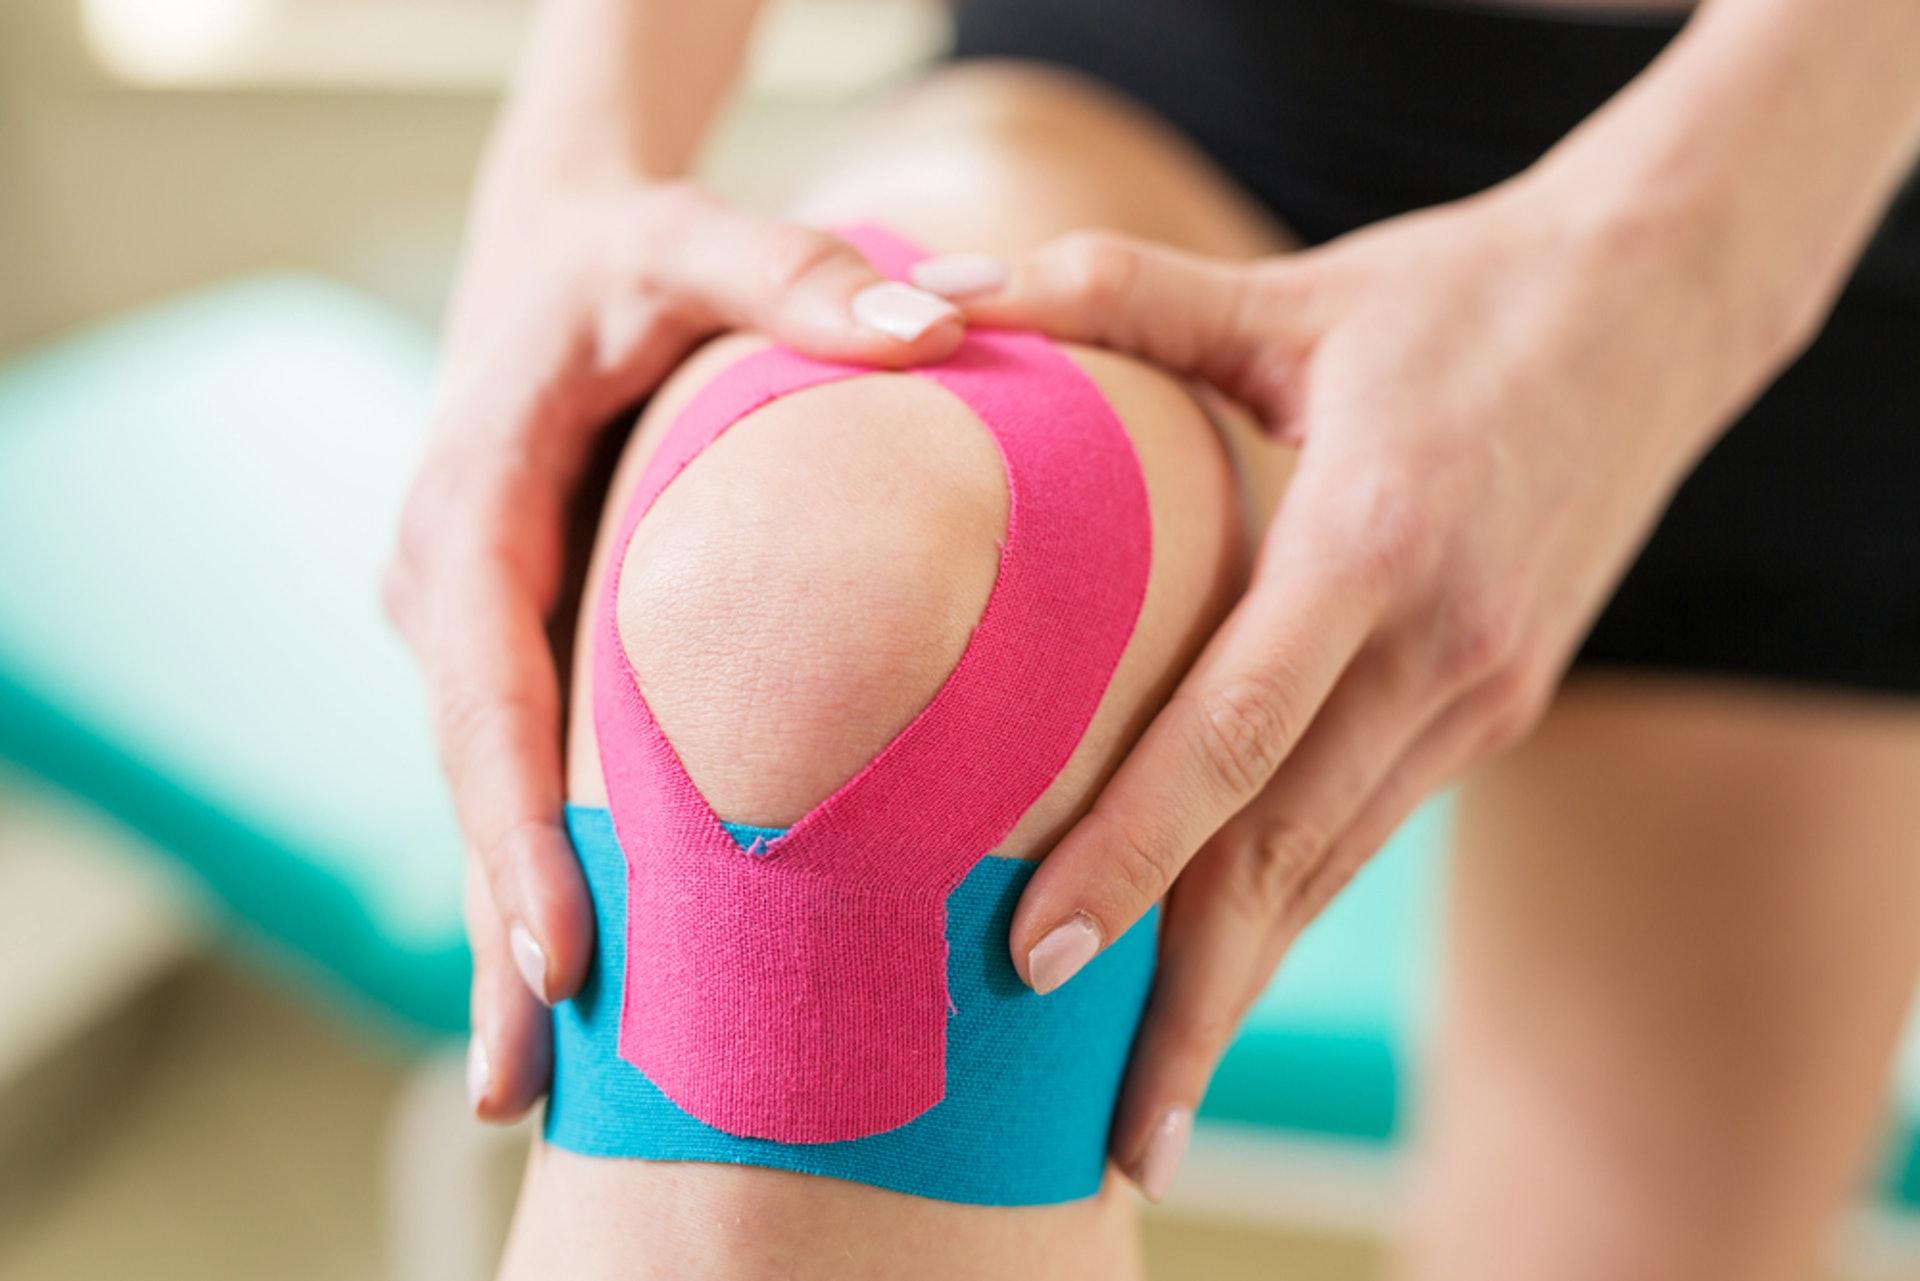 肌內效貼布主要透過黏性及彈性,促進淋巴及血液循環,達至保護或放鬆肌肉治療。(圖片:don1don)